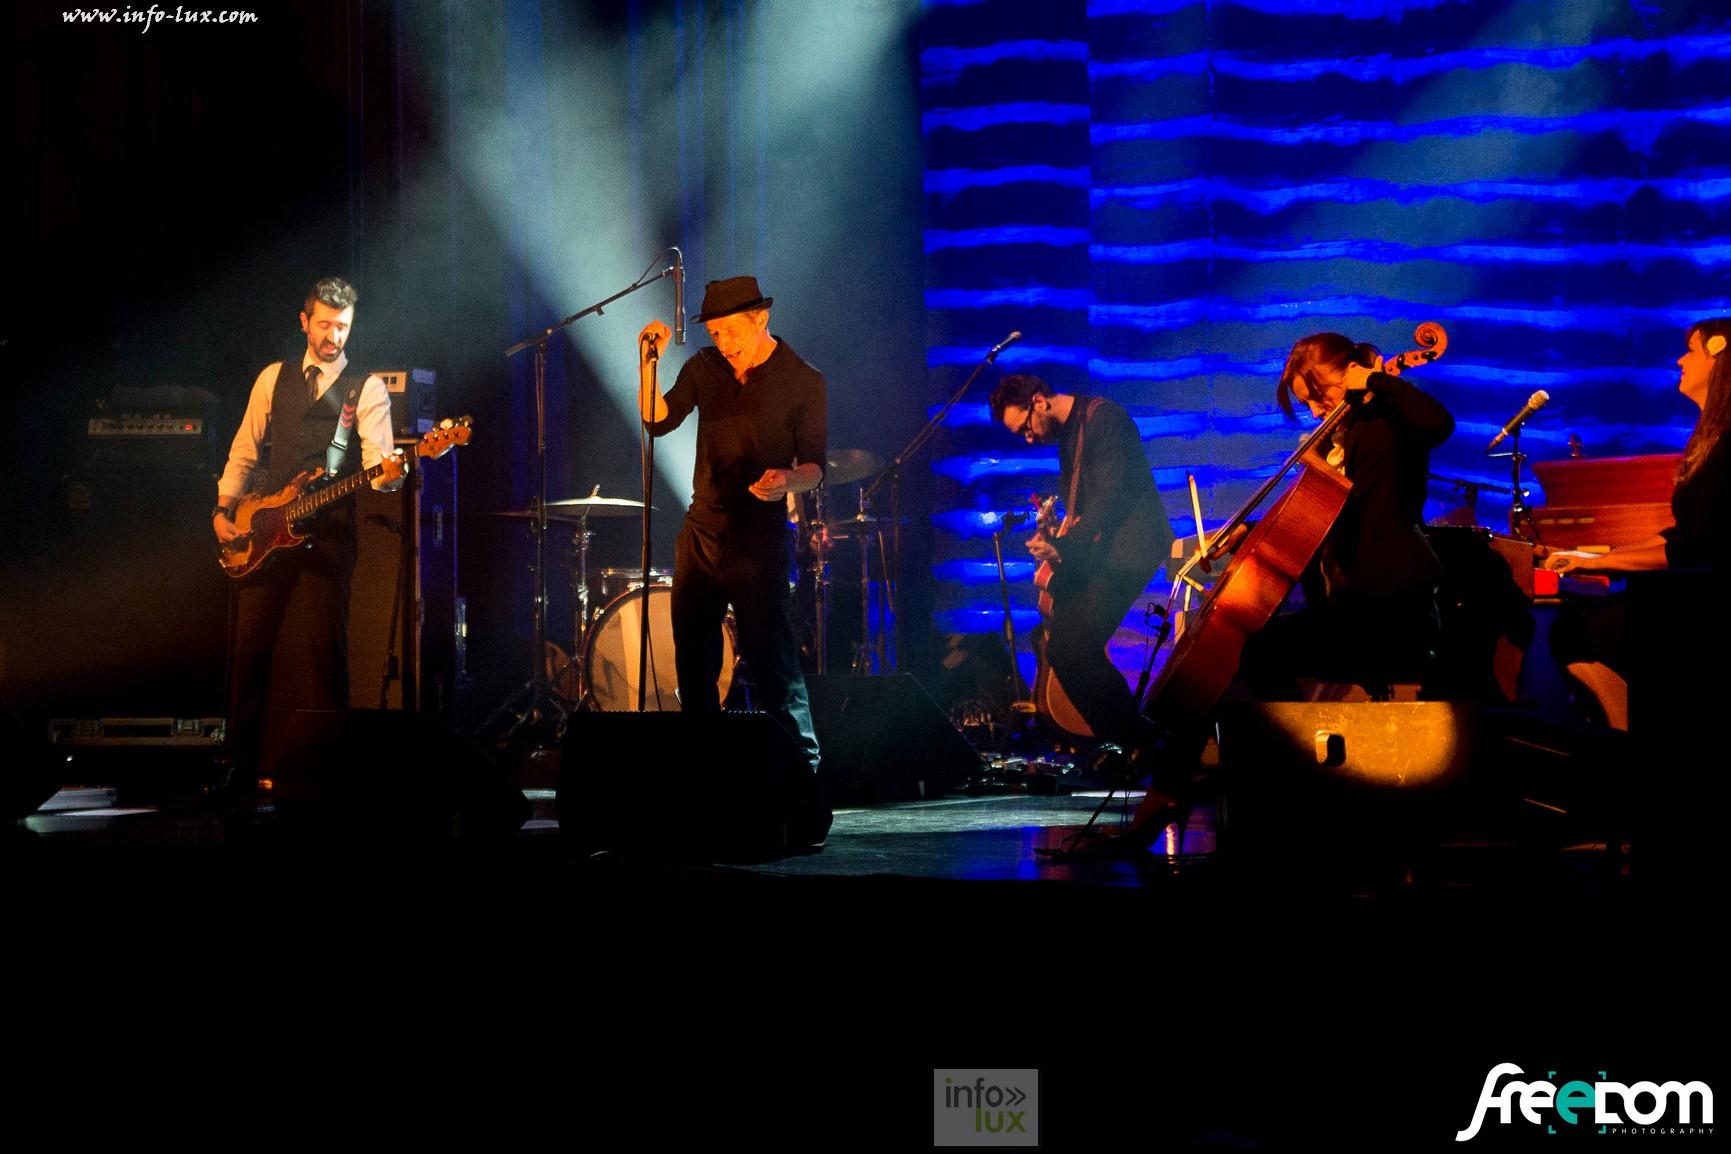 images/stories/PHOTOSREP/Bastogne/concert-moissec/2014-_miossec_bastogne-0620_LR_fp